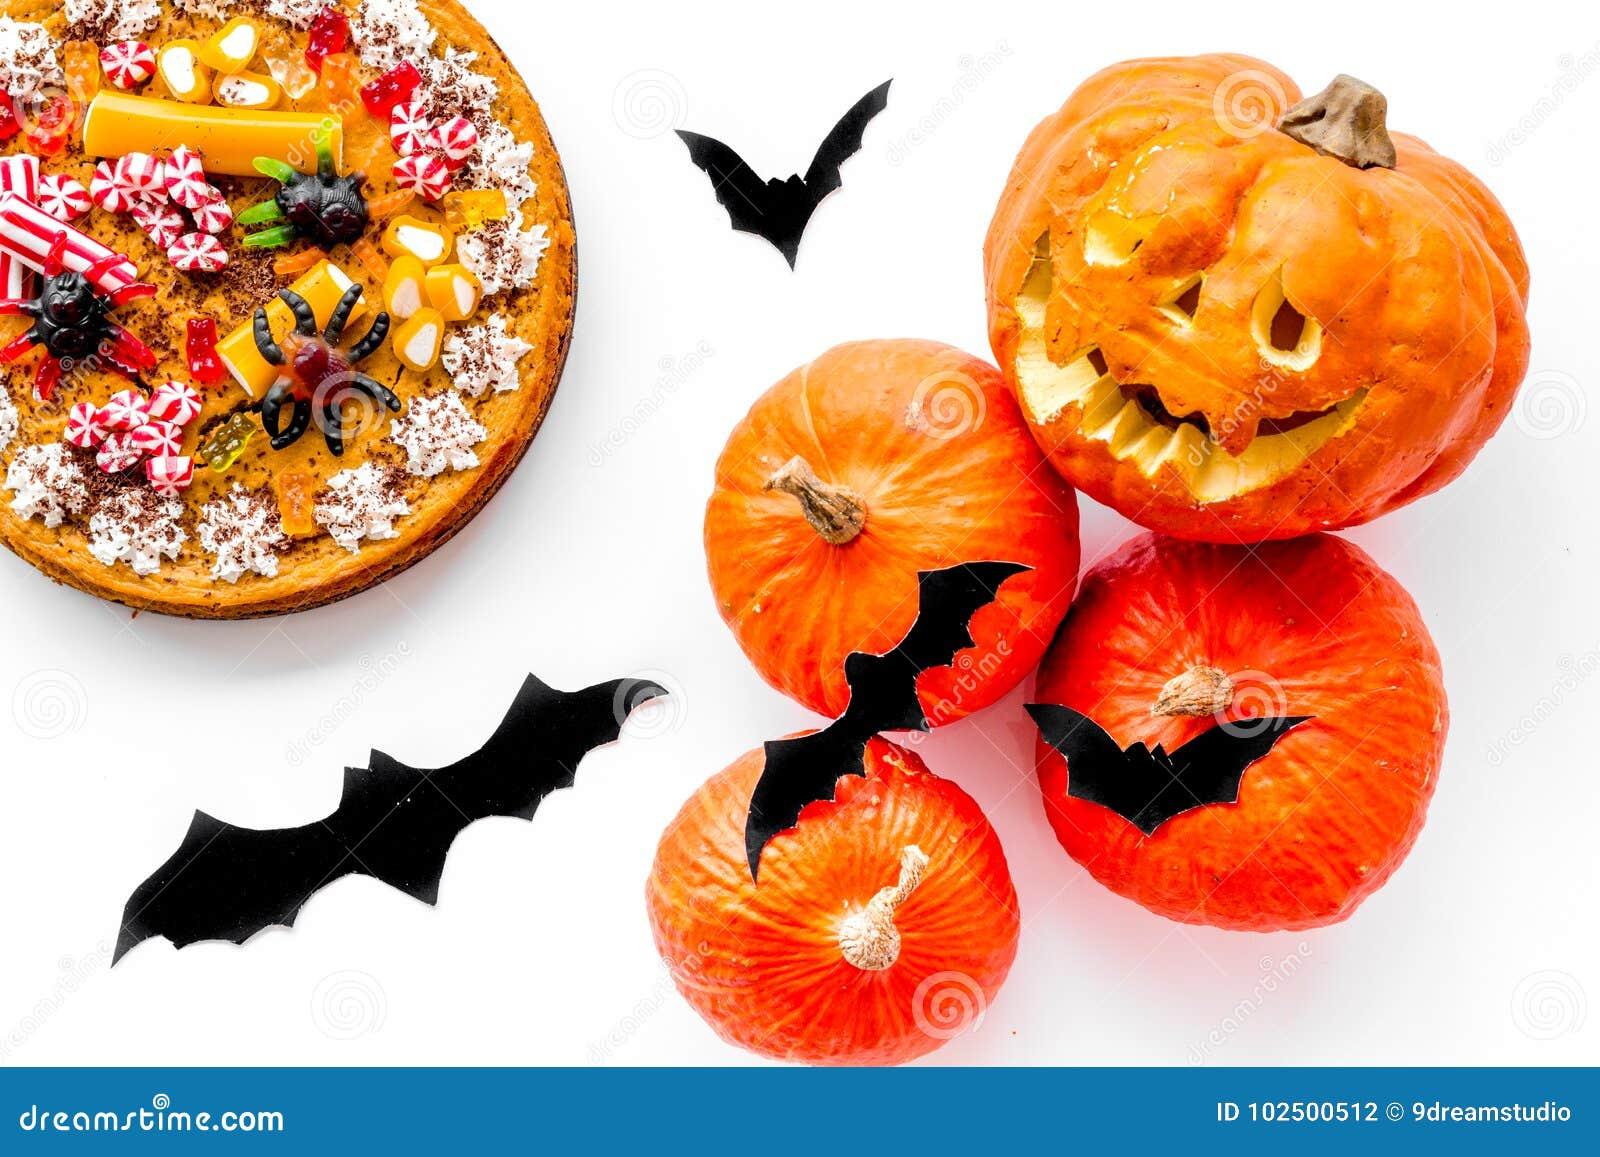 Halloween-Tradition Kürbiskuchen, Kürbis mit geschnitztem Gesicht und Schläger auf Draufsicht des weißen Hintergrundes